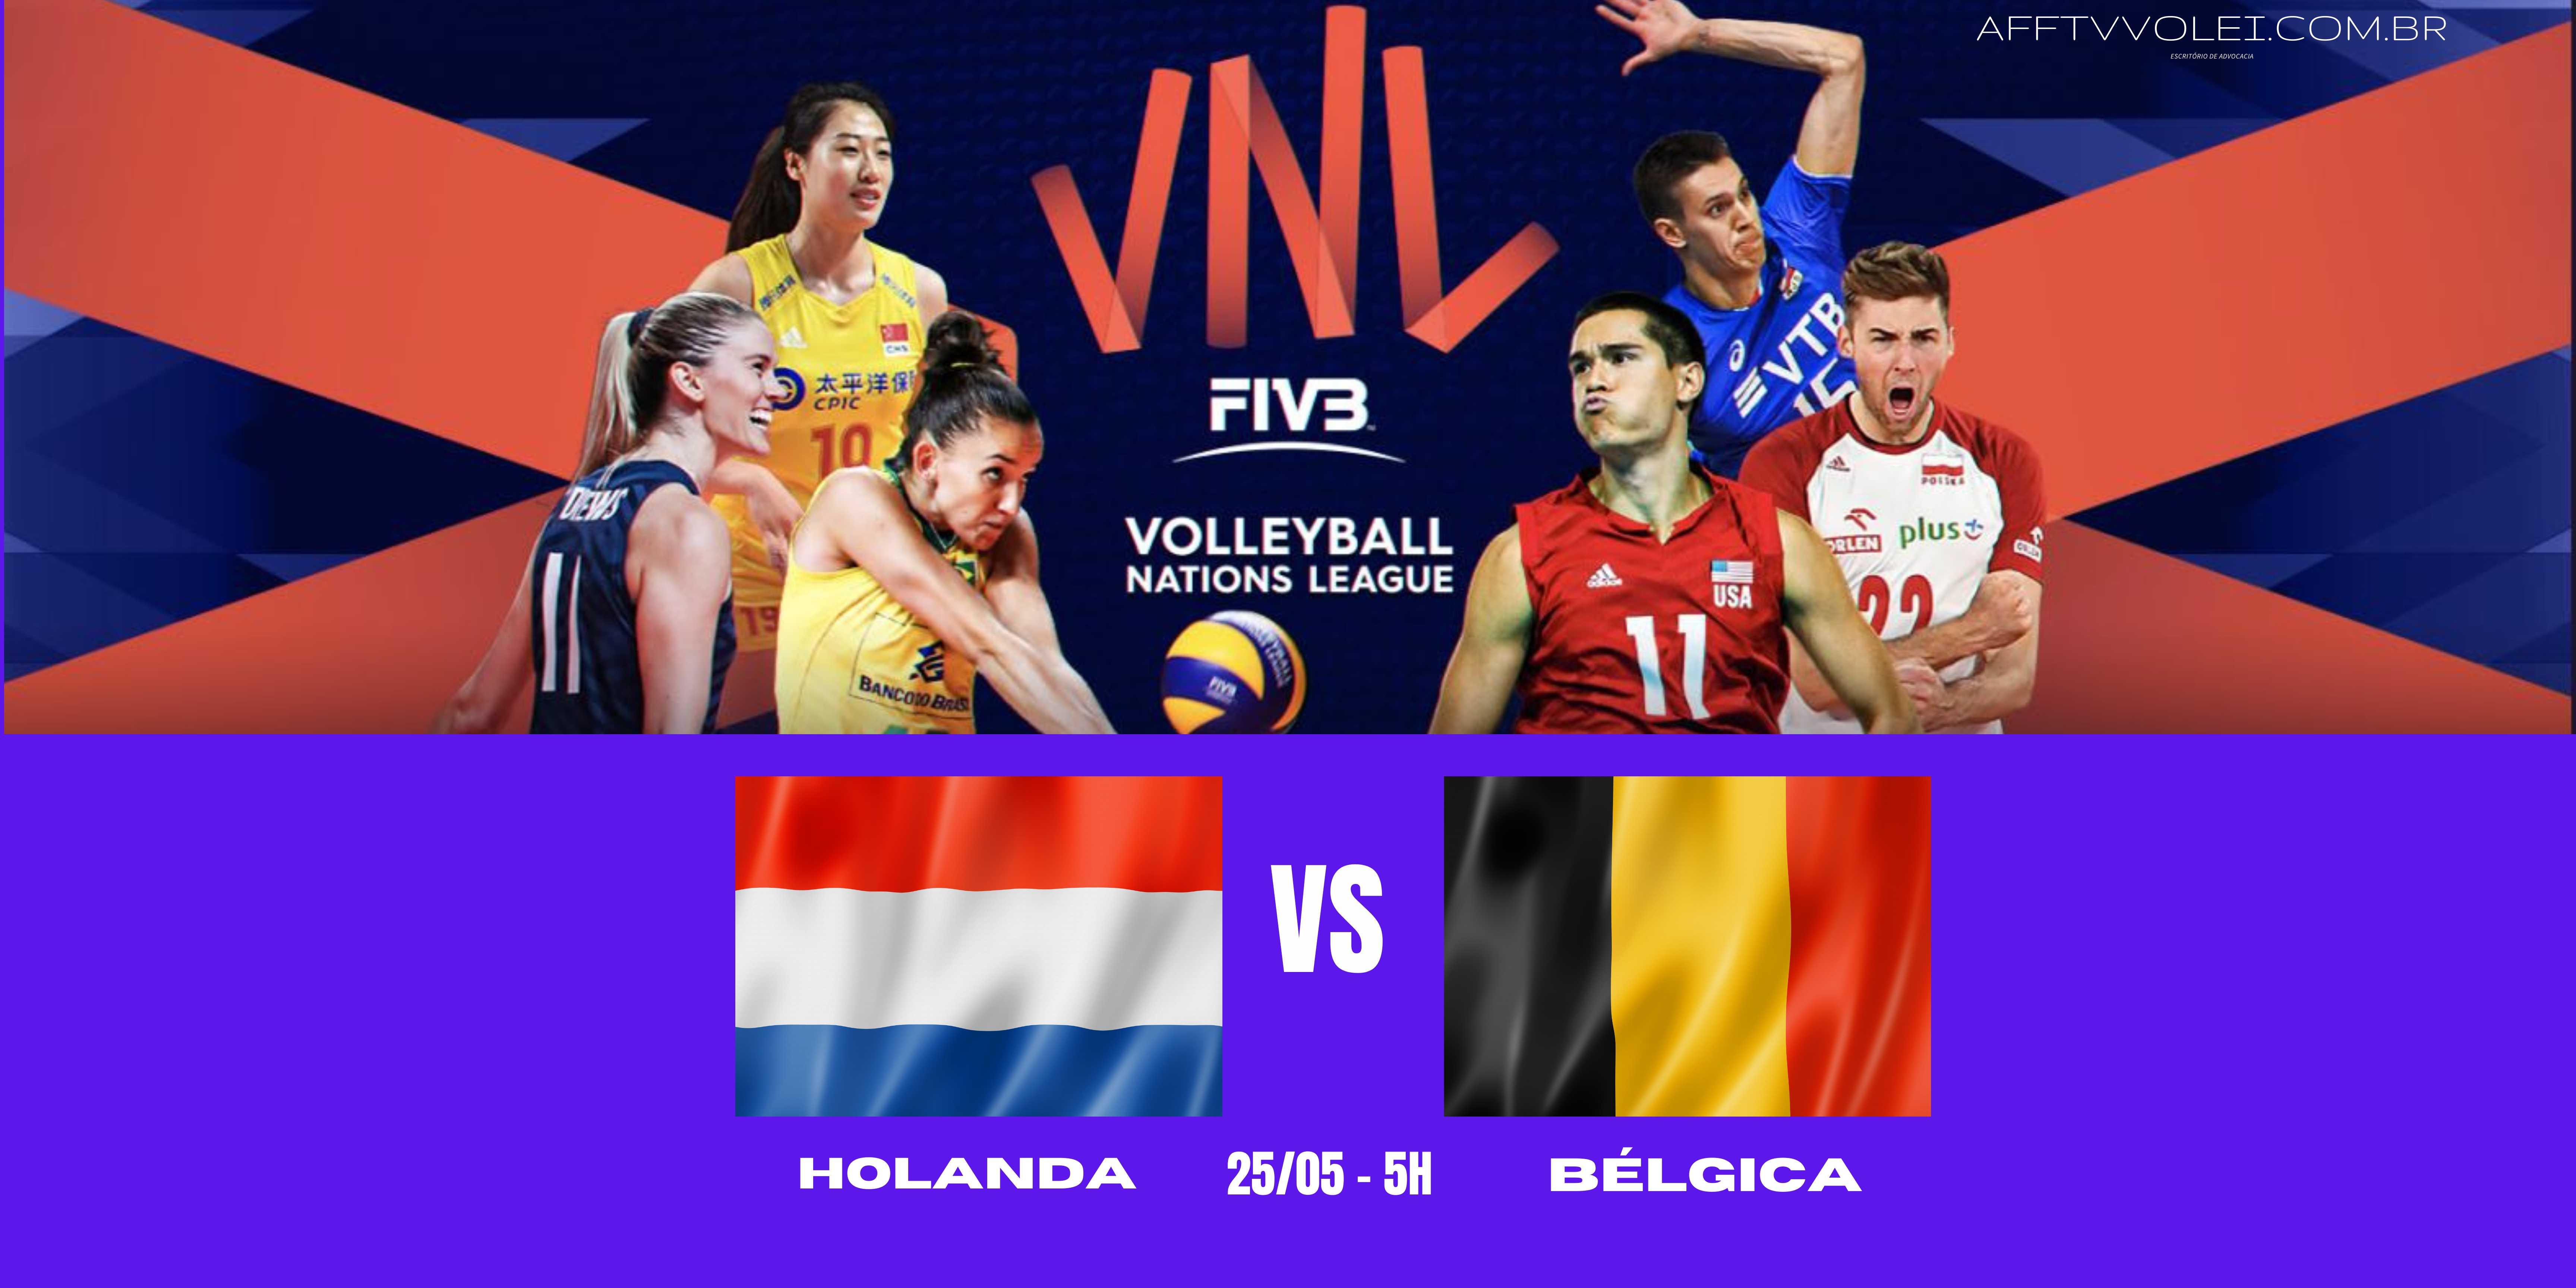 Holanda vs Belgica – Liga das Nações Vôlei Feminino – 25/05/2021